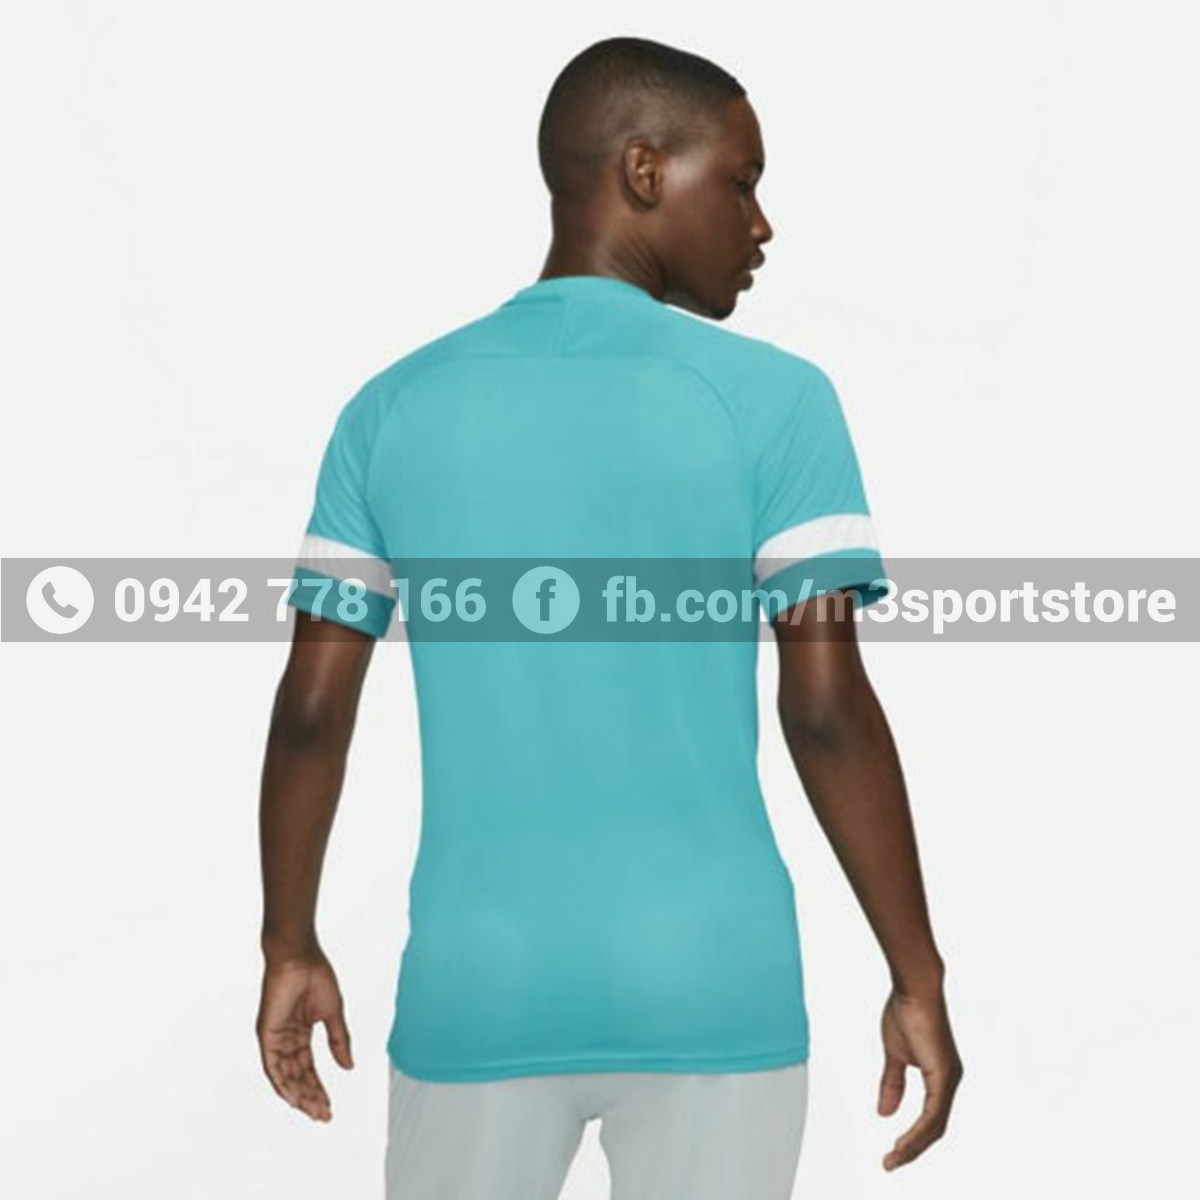 Áo thể thao nam Nike Academy 21 S CW6102